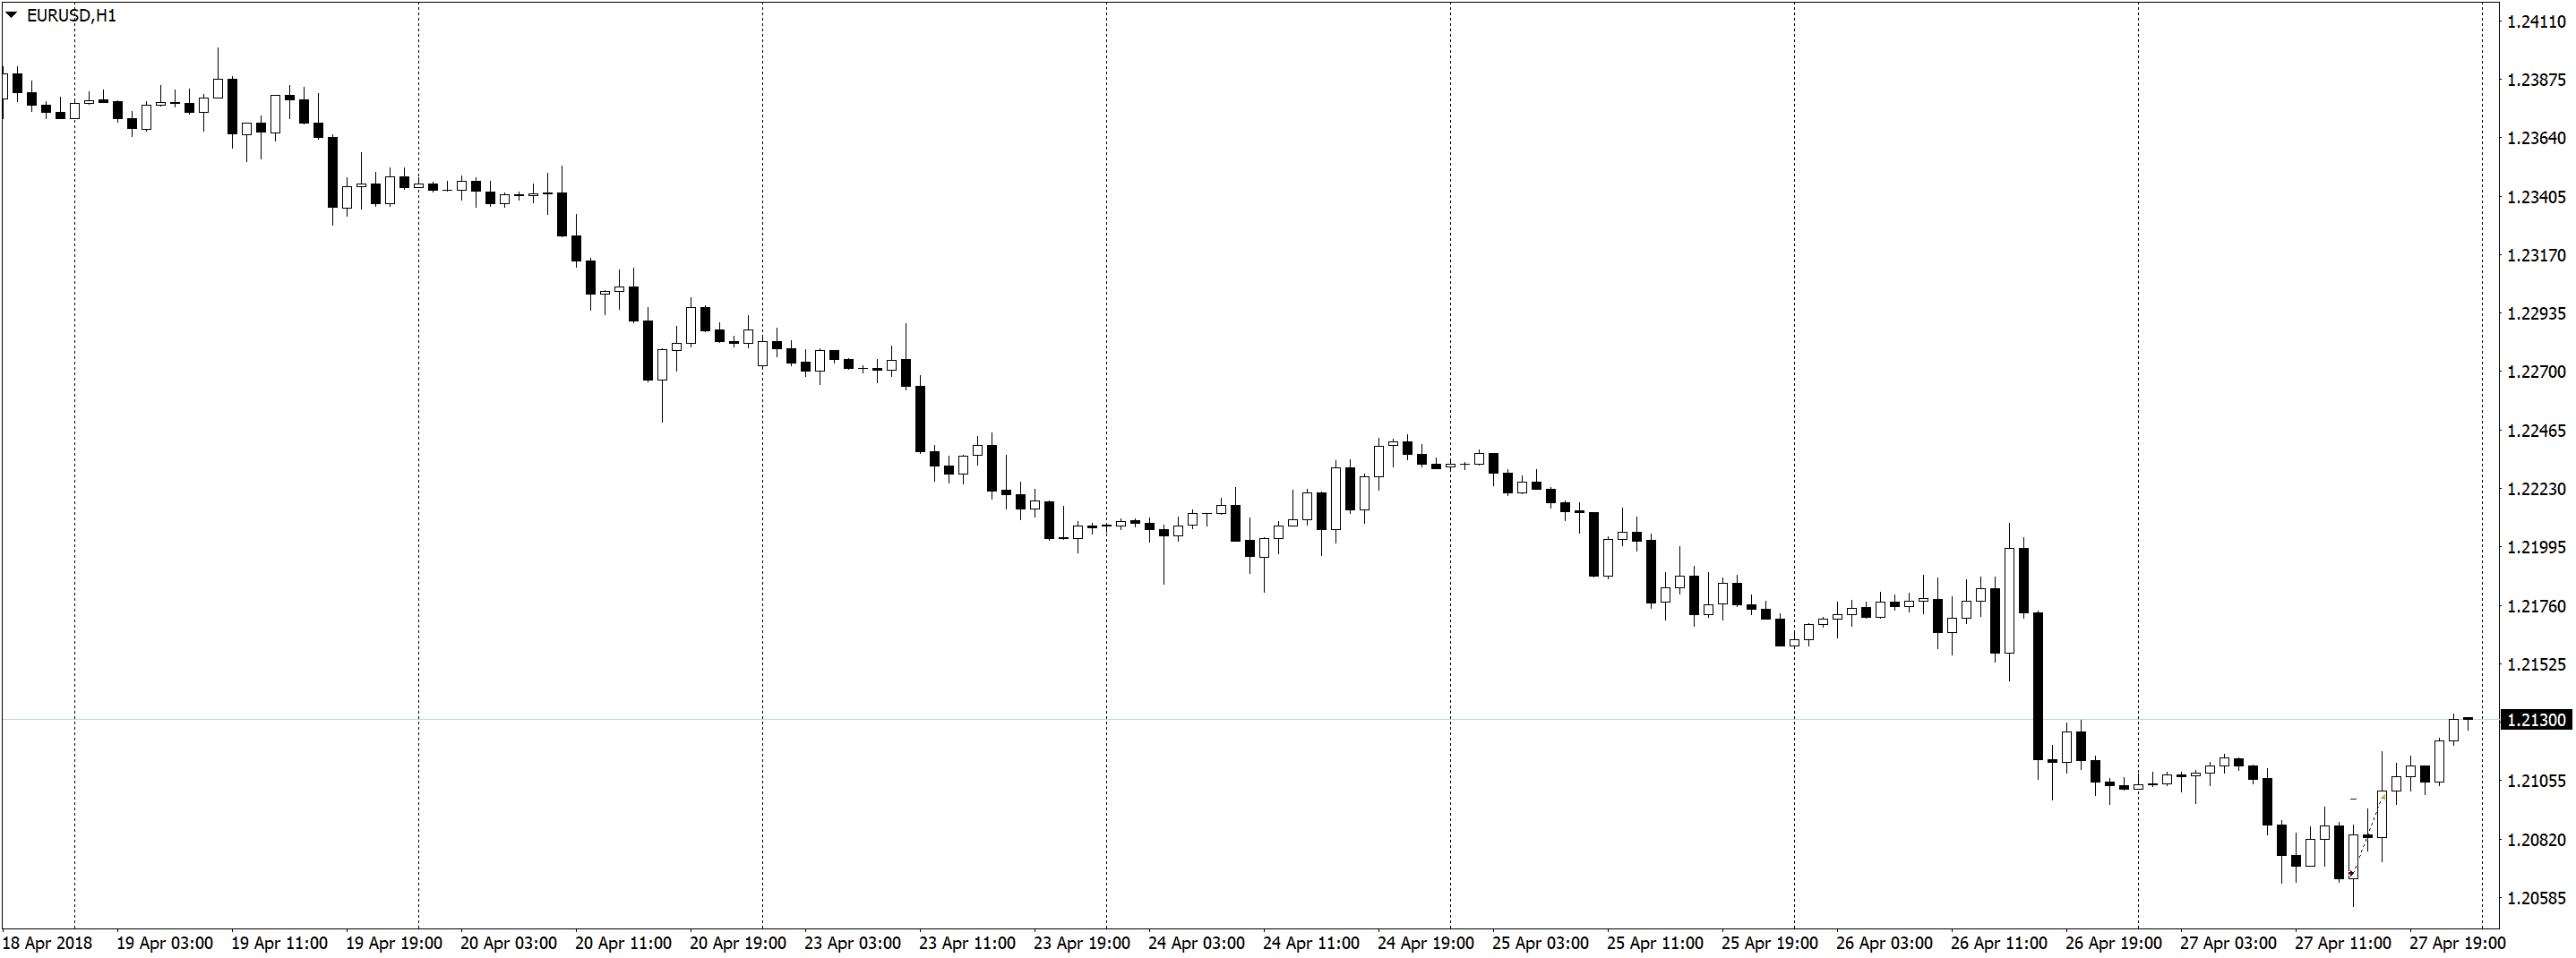 EURUSDH1 2 Трейдинг по часовым графикам, немного сделок, спокойная торговля